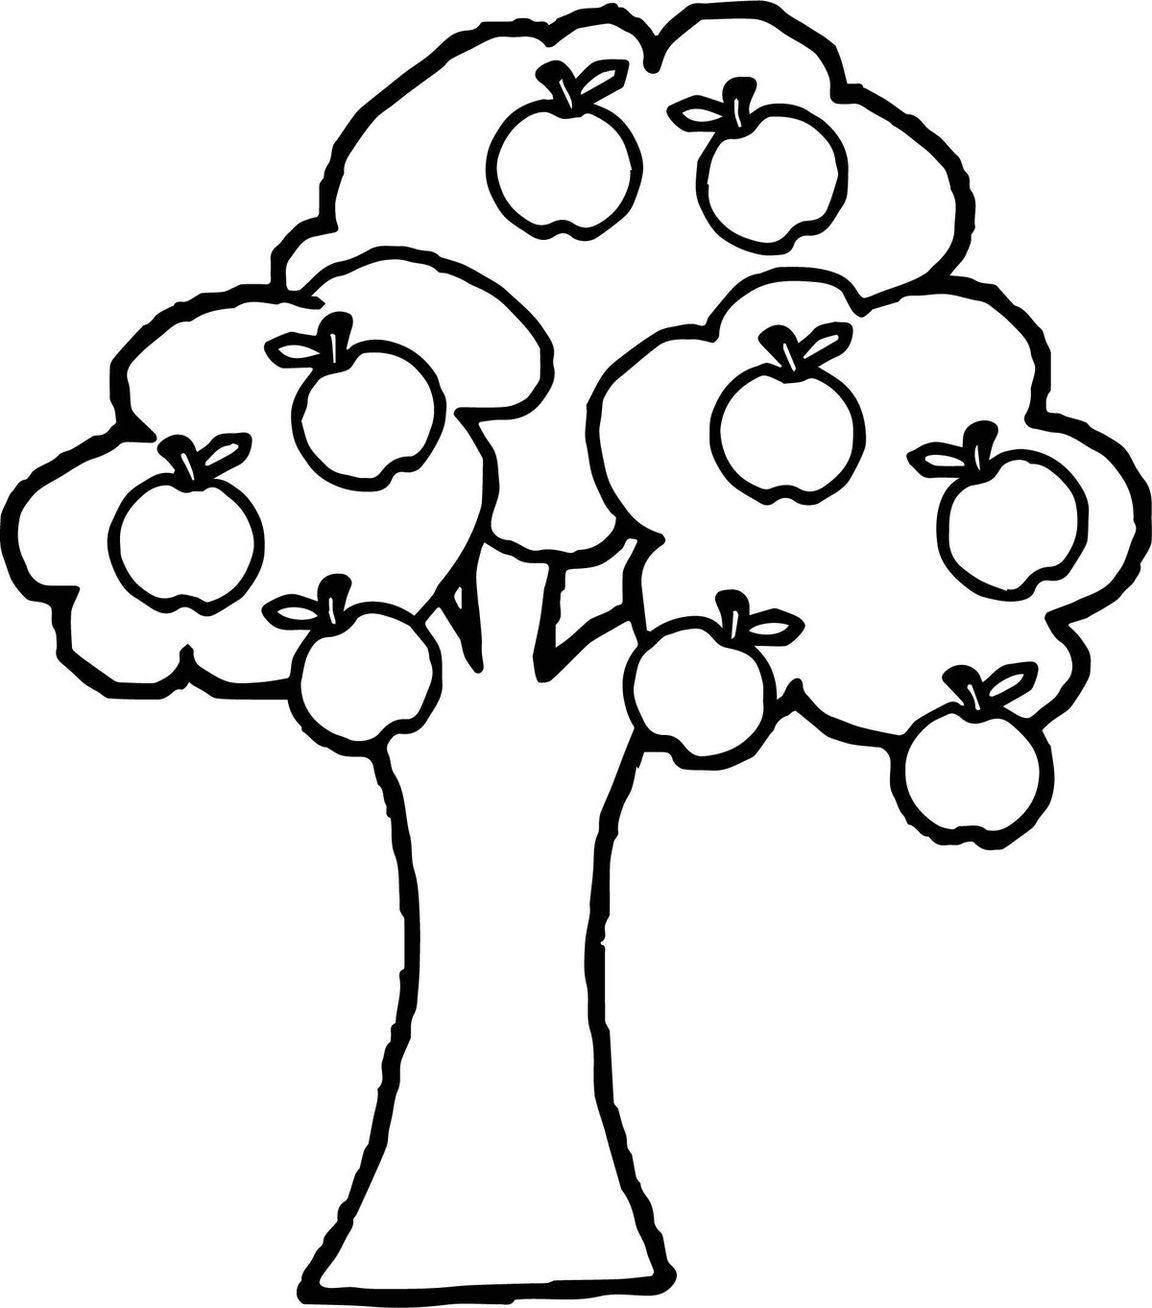 каждая деревья для раскрашивания детям дерево дождя, посох